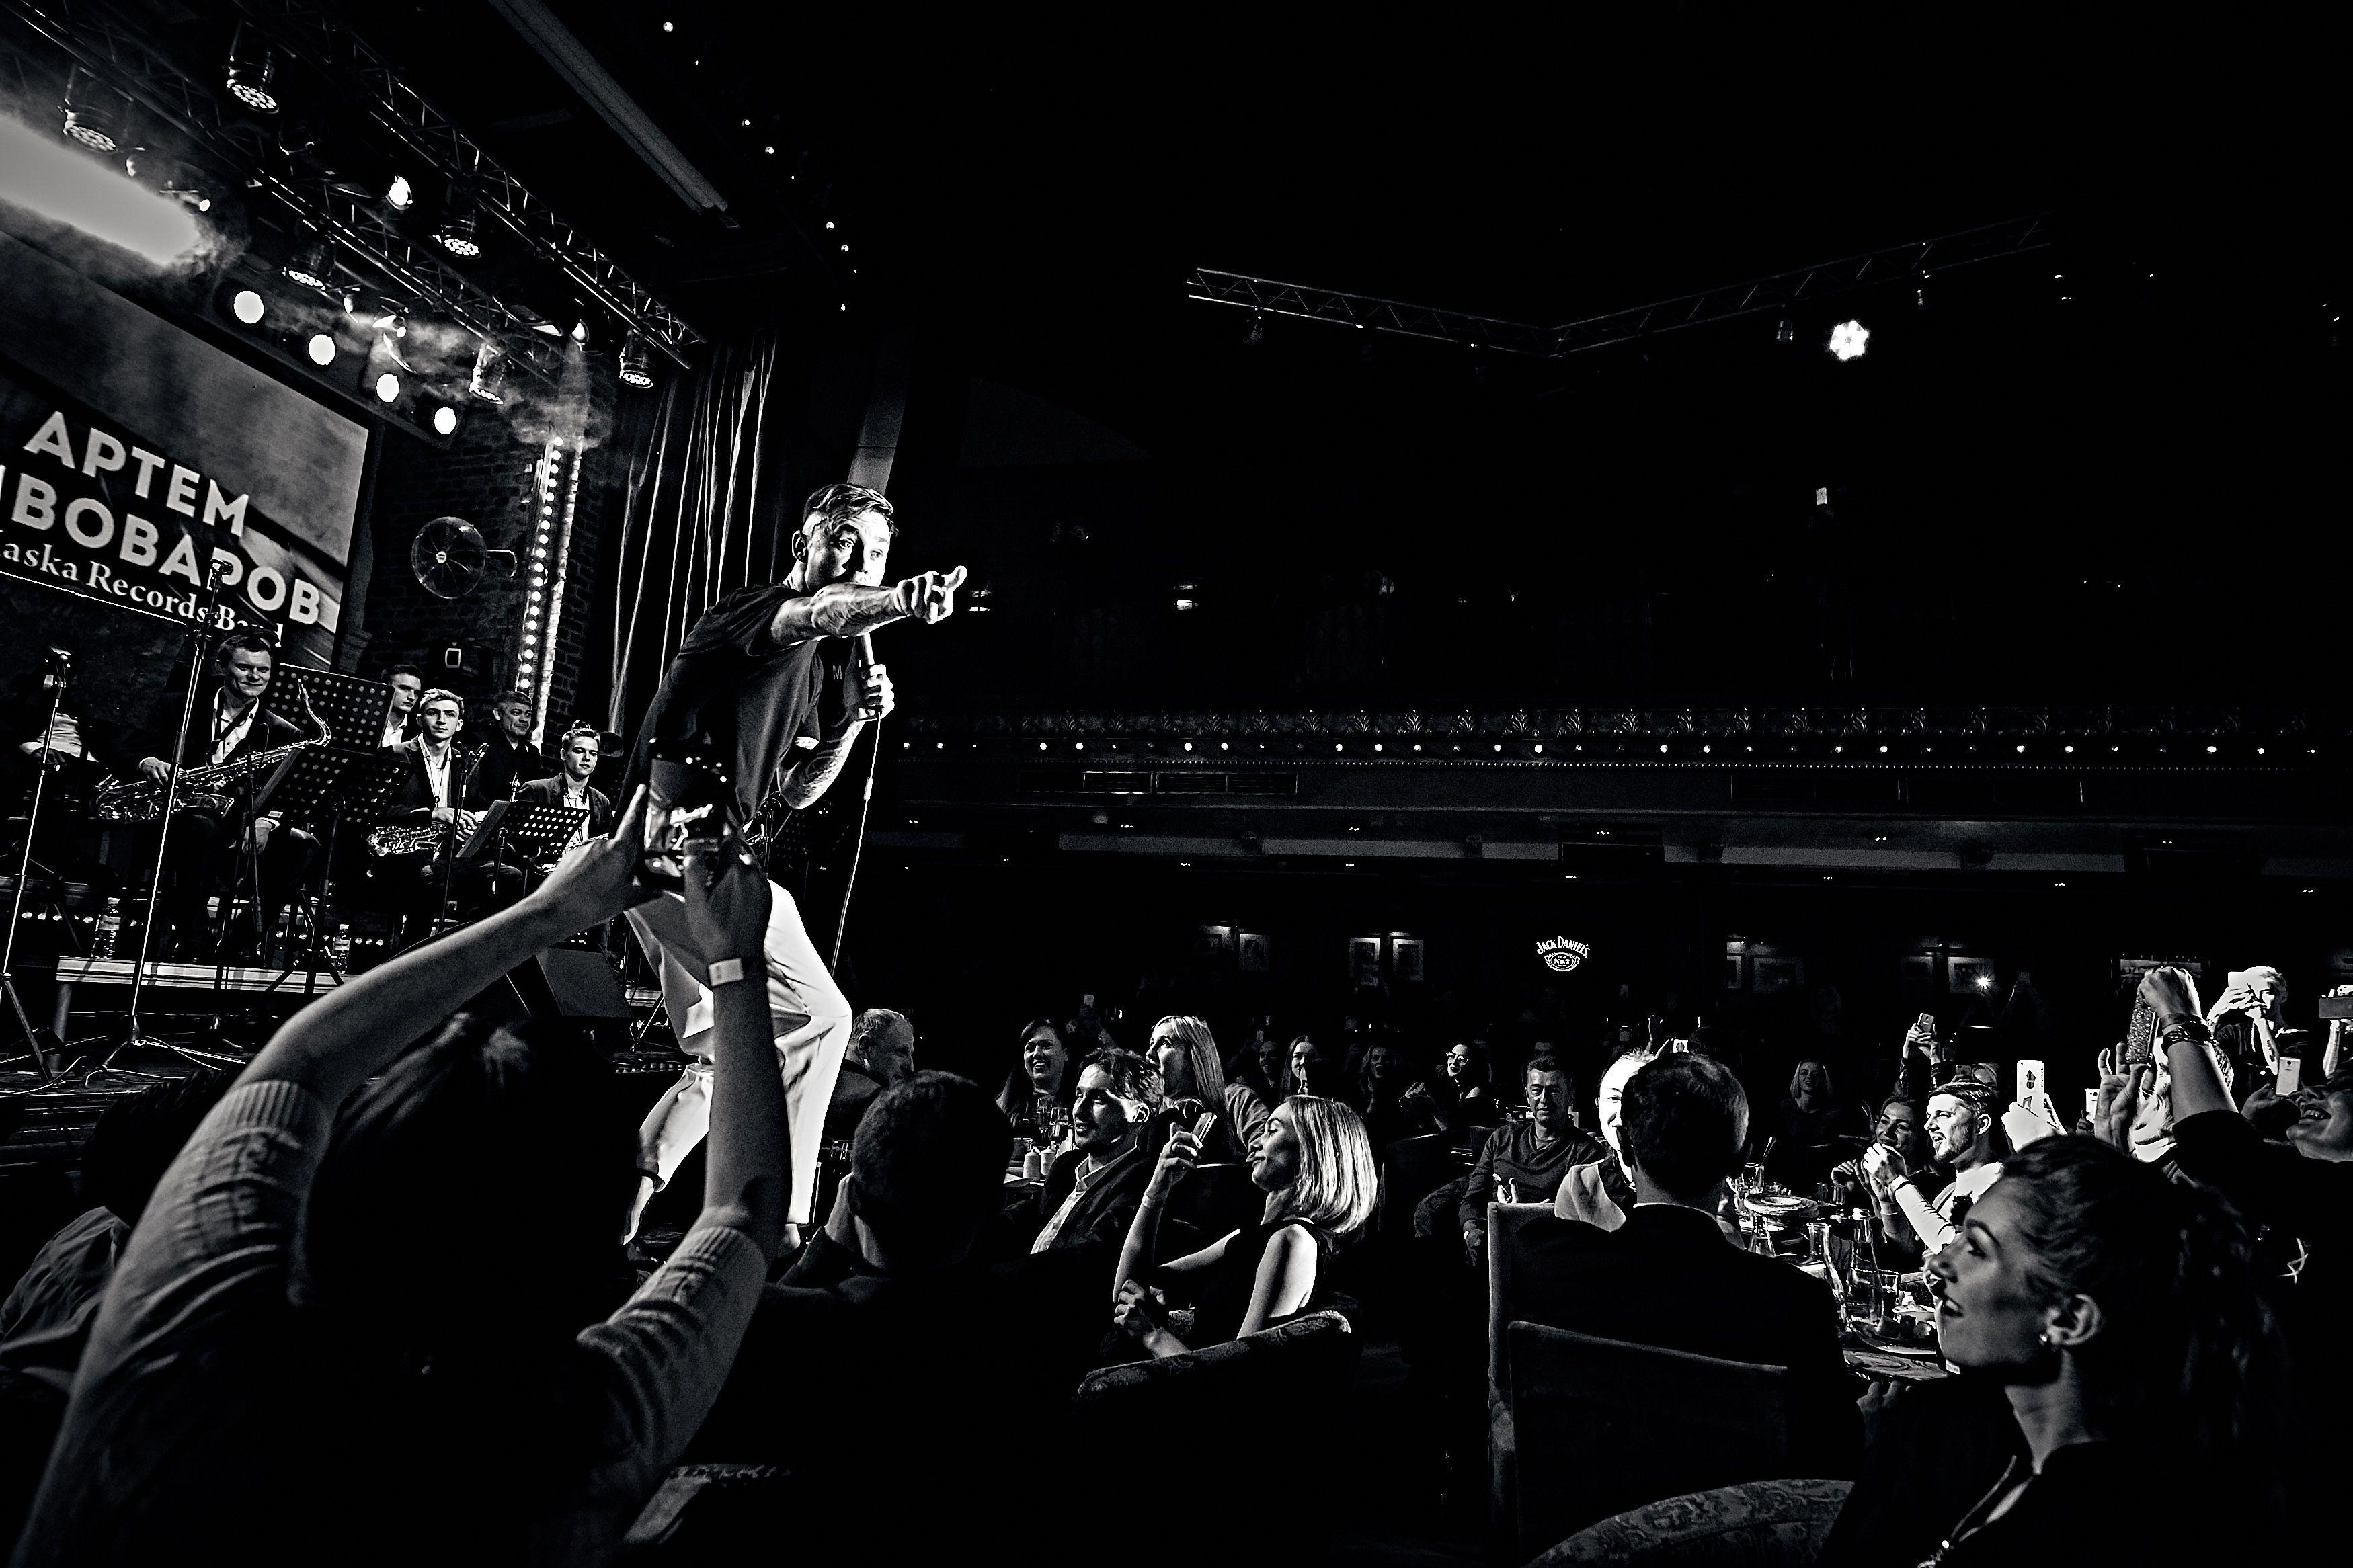 Концерт Артема Пивоварова в Caribbean Club _4